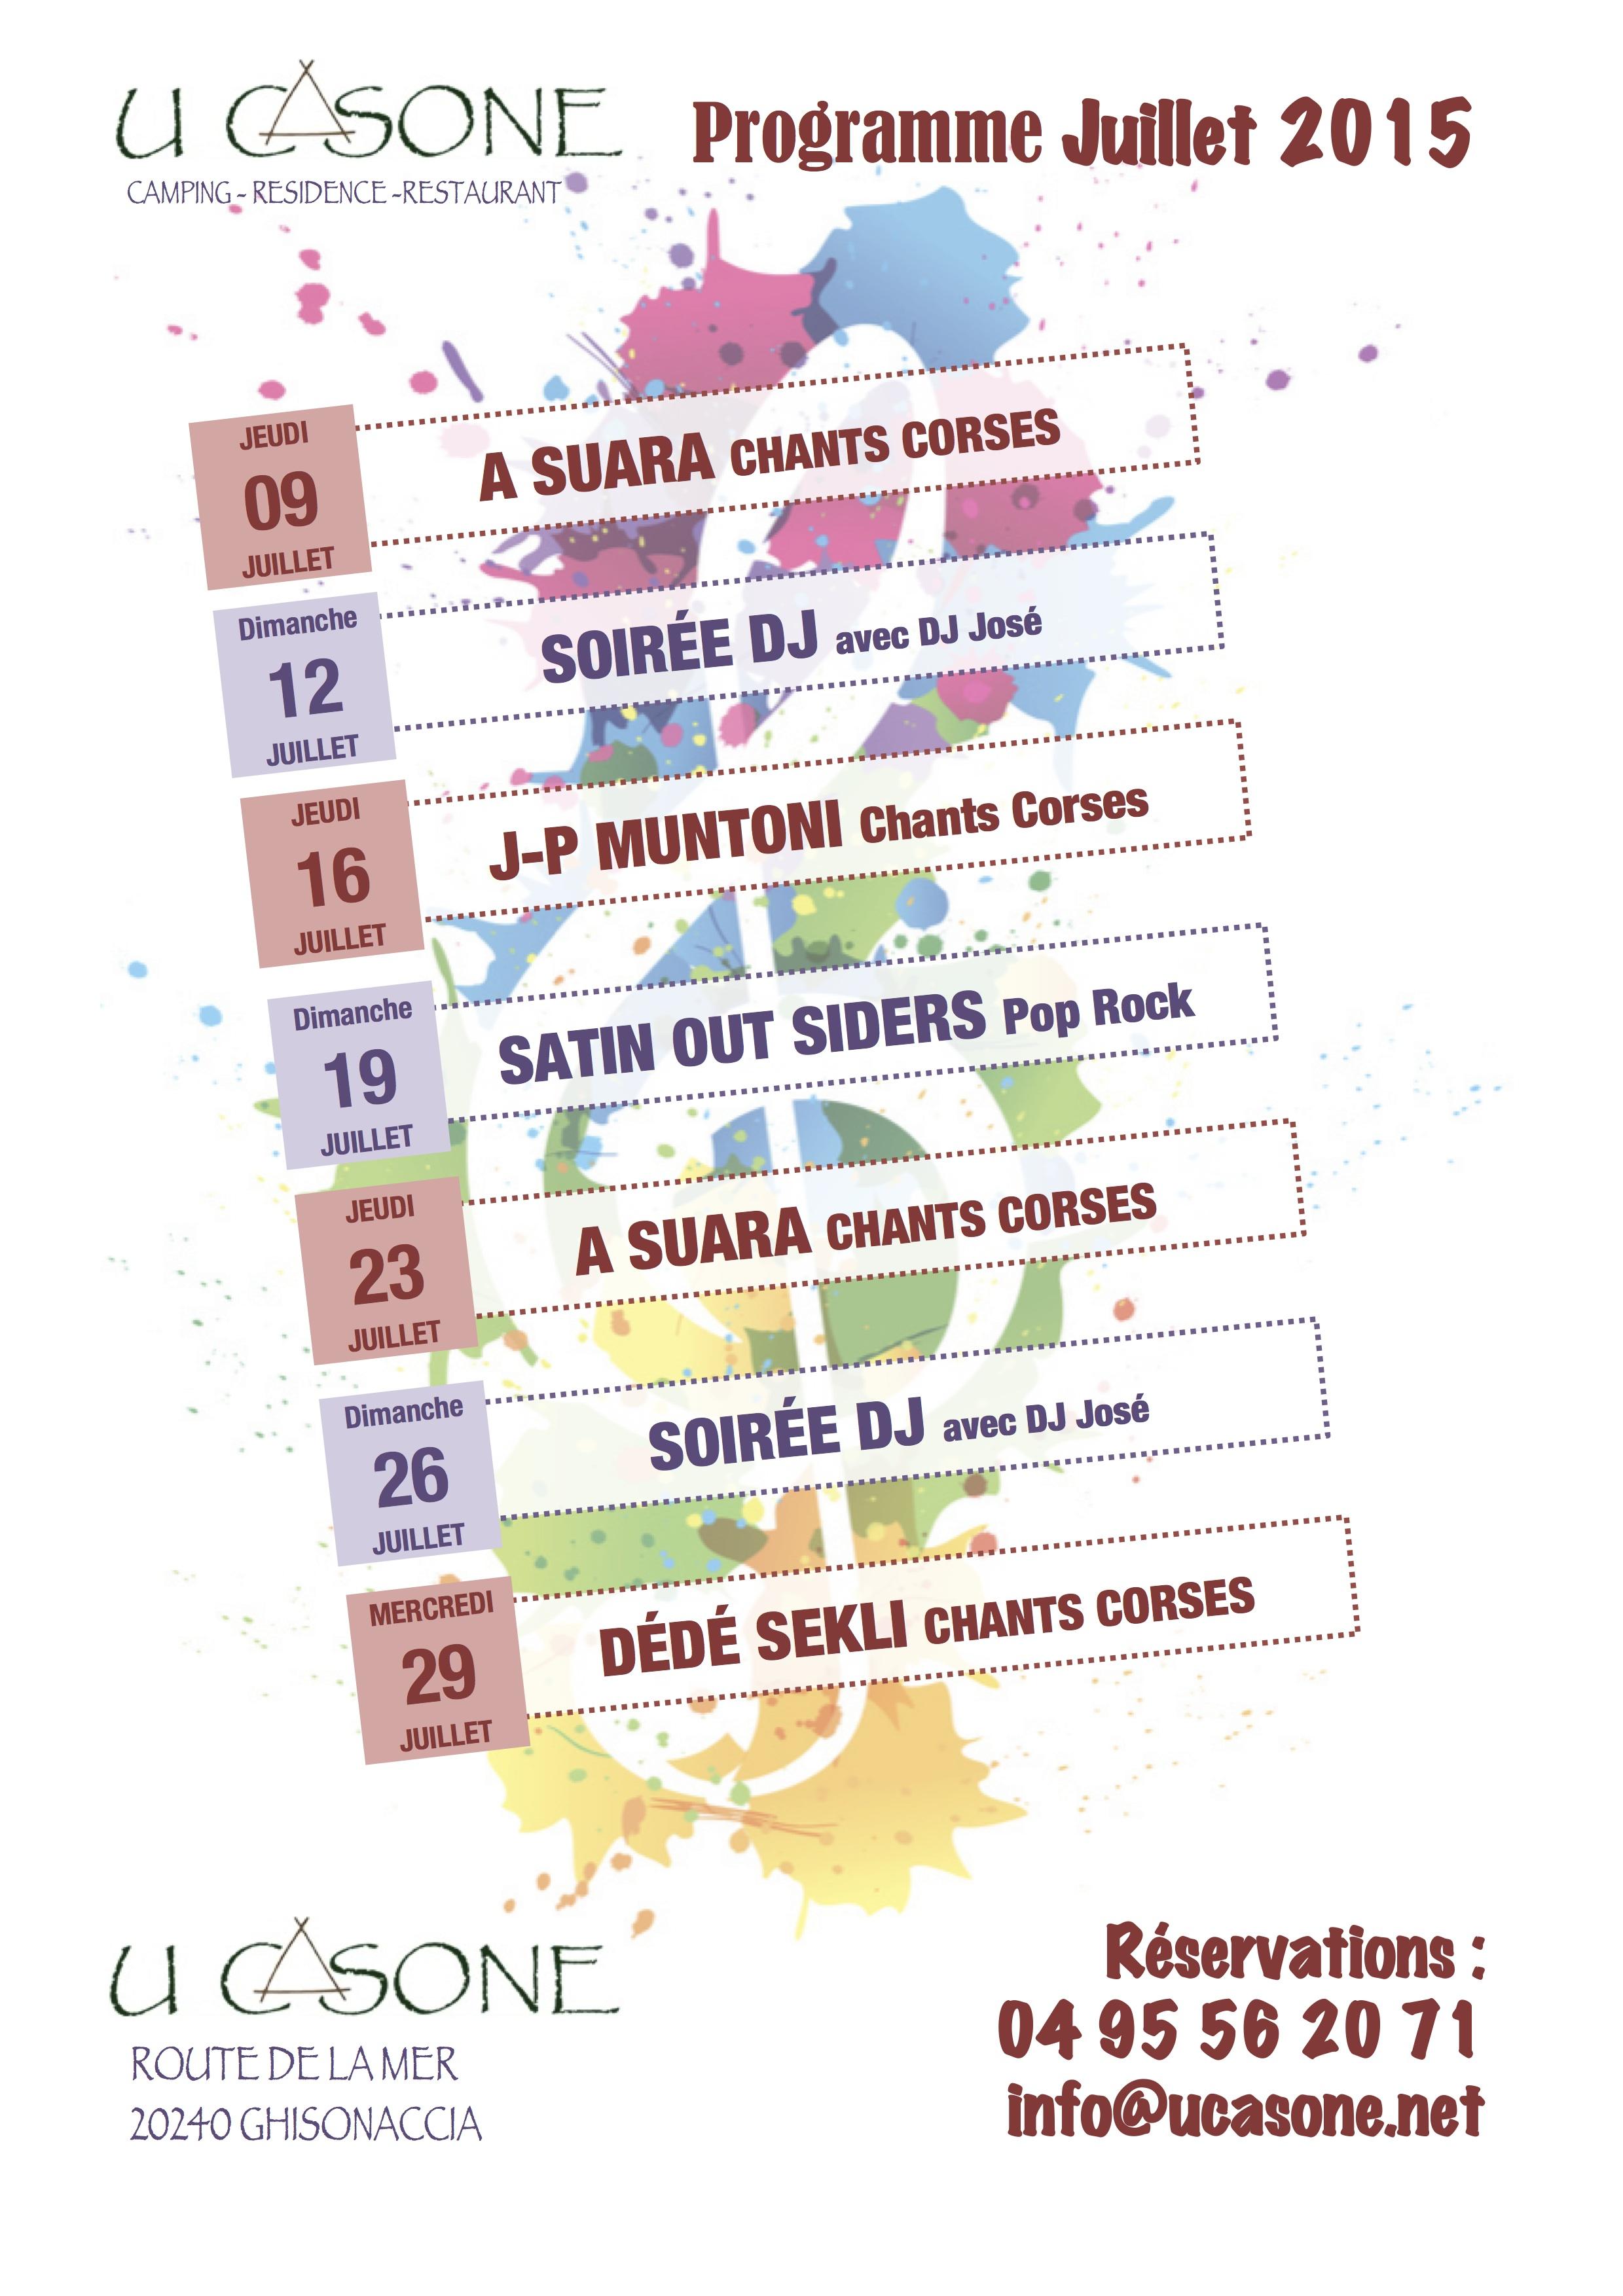 Programme des soirées juillet 2015